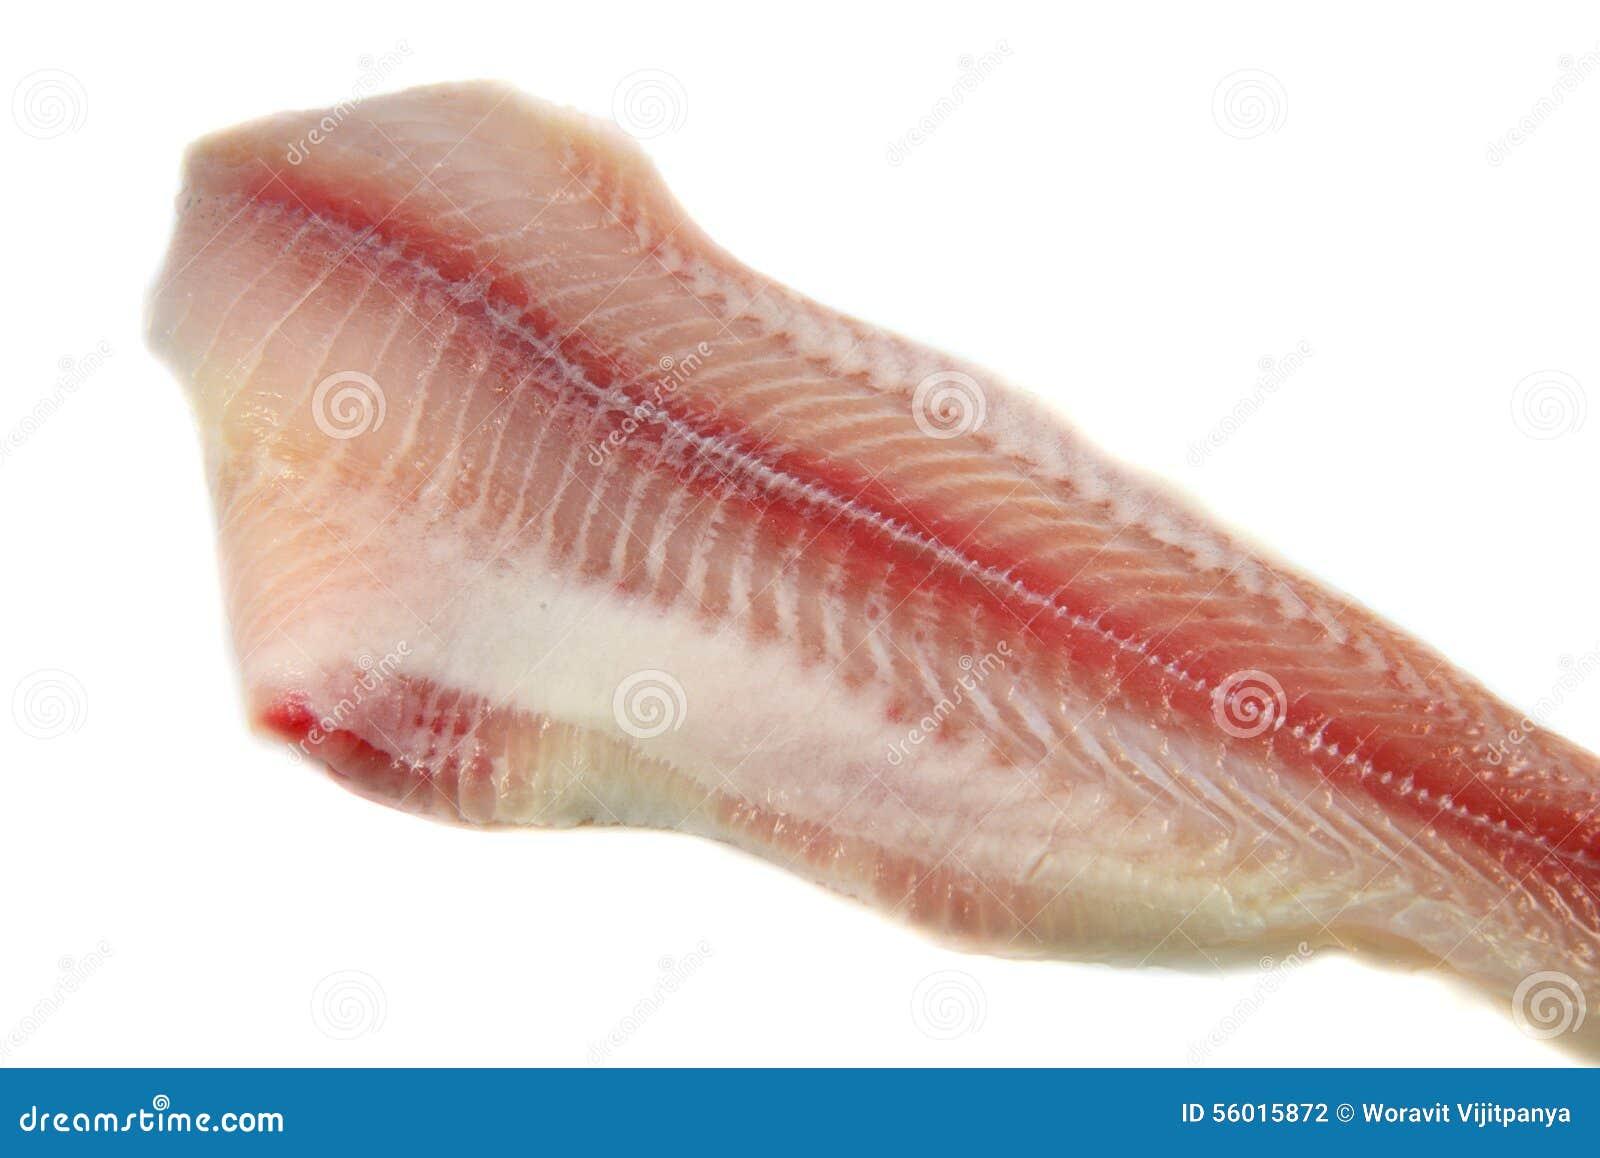 är fisk kött